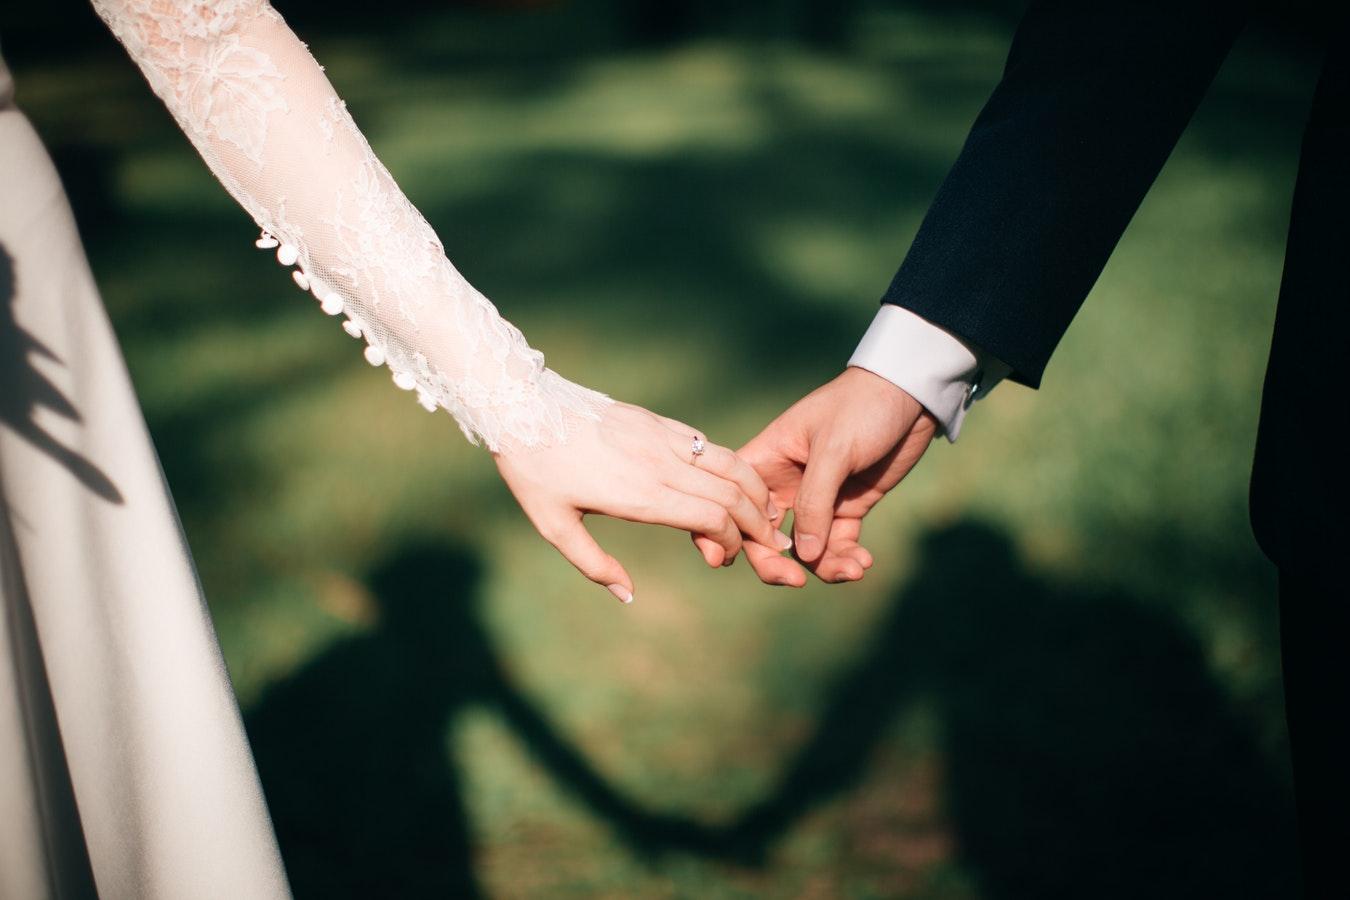 Frasi auguri matrimonio per una coppia che si sposa